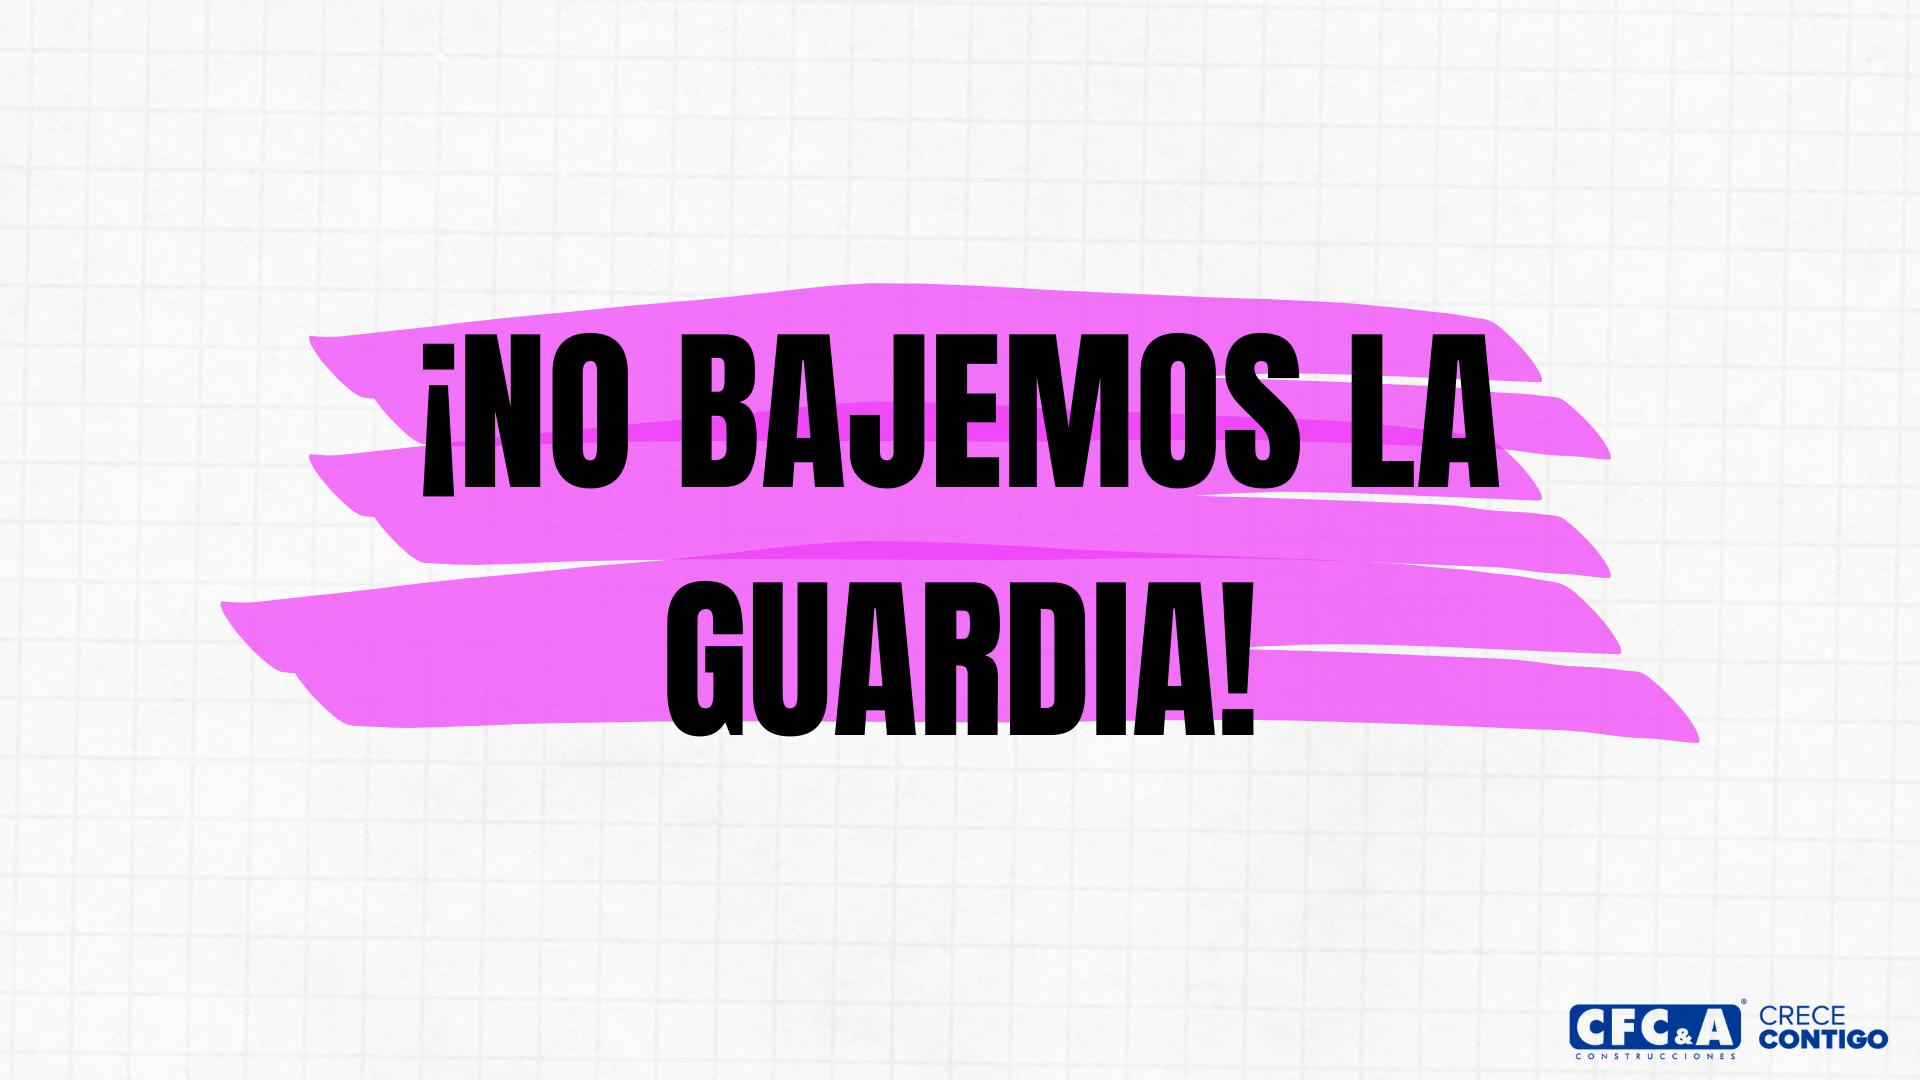 [Video] No bajemos la guardia: Sigamos cuidándonos